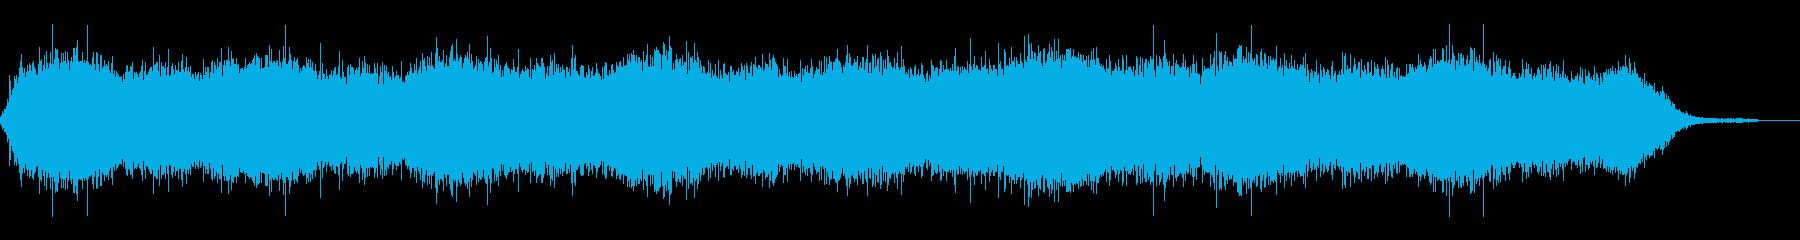 背景音 洞窟 3の再生済みの波形